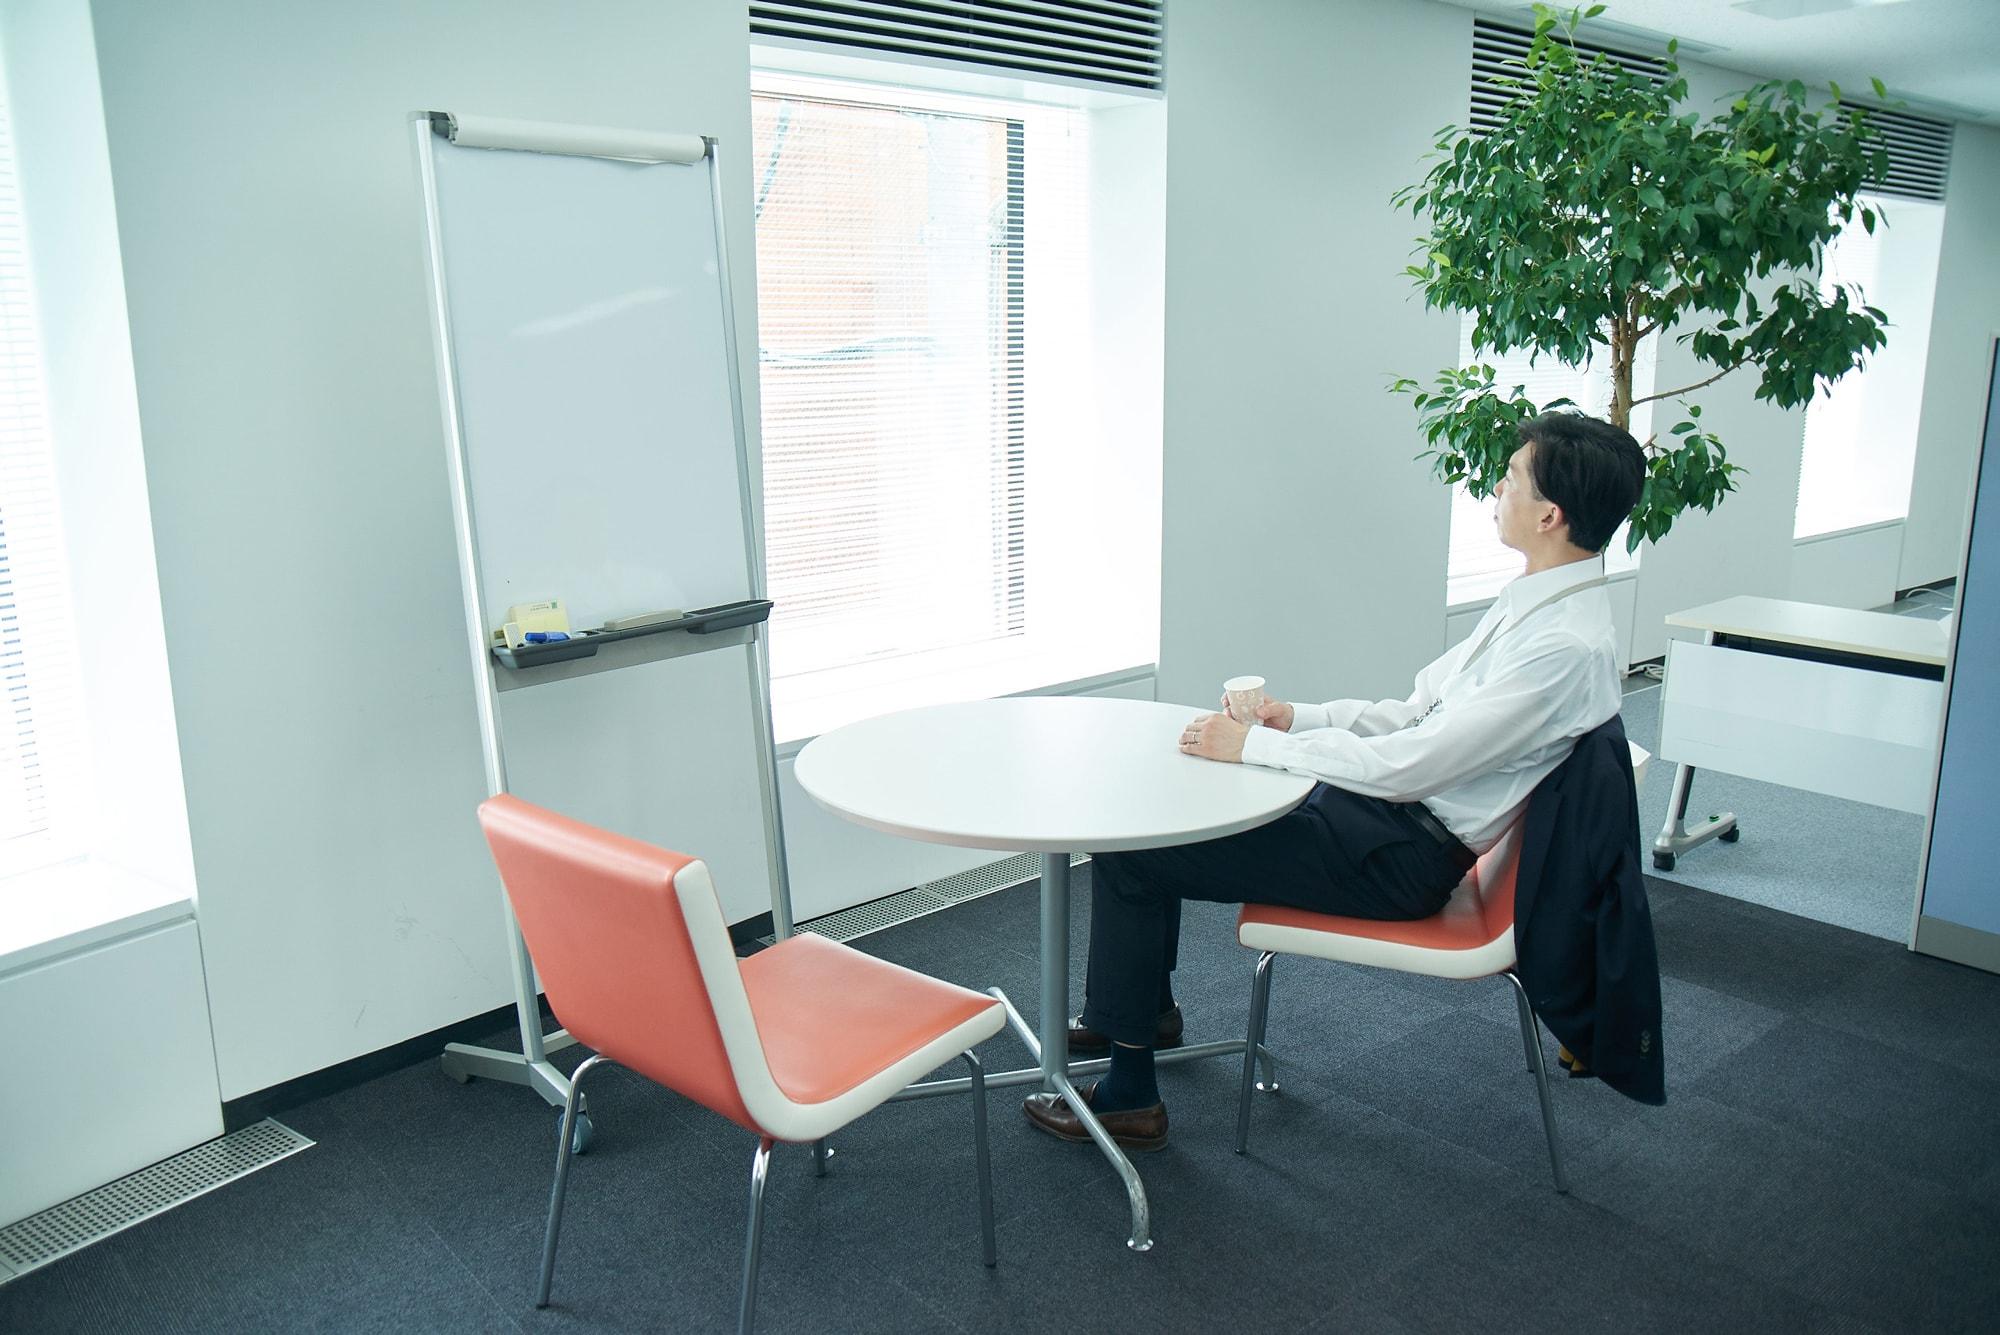 赤坂事務所の各フロアにある休憩スペース。ホワイトボードもあるので、少人数のミーティングにも使えます。